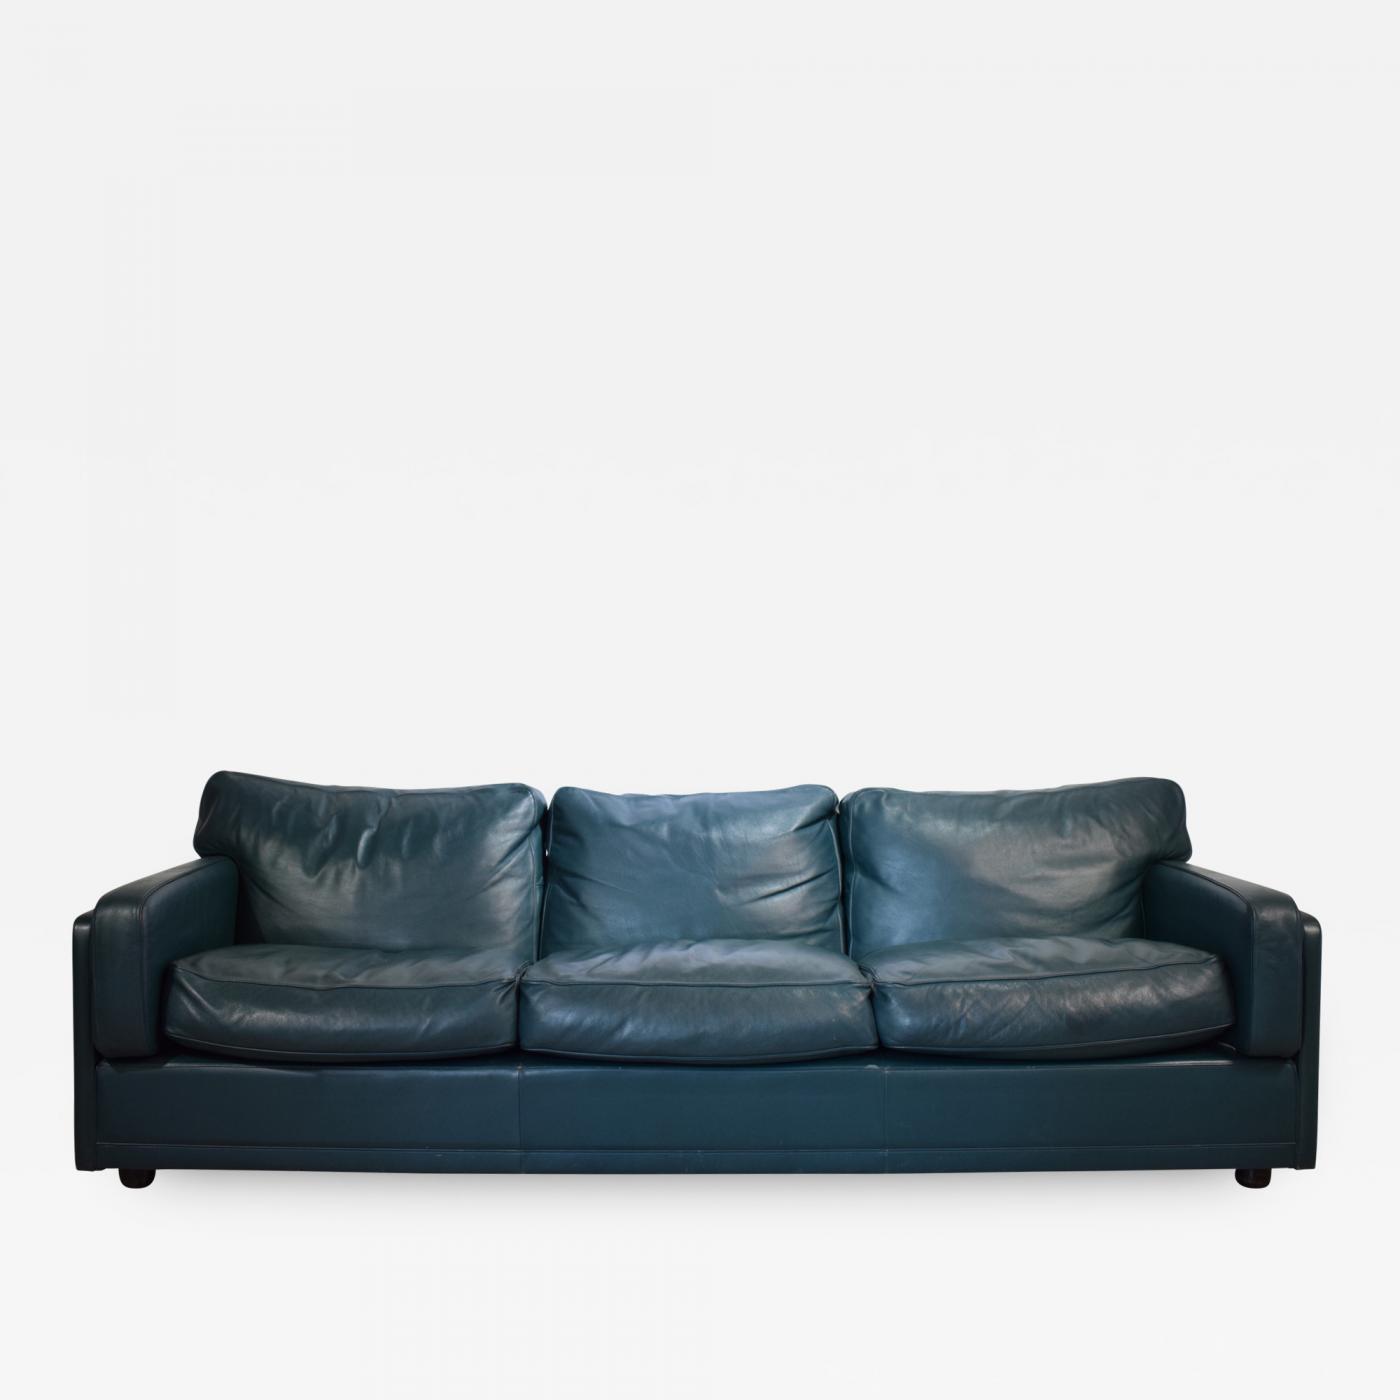 Poltrona Sofa.Poltrona Frau Poltrona Frau Socrate Three Seat Sofa In Green Petrol